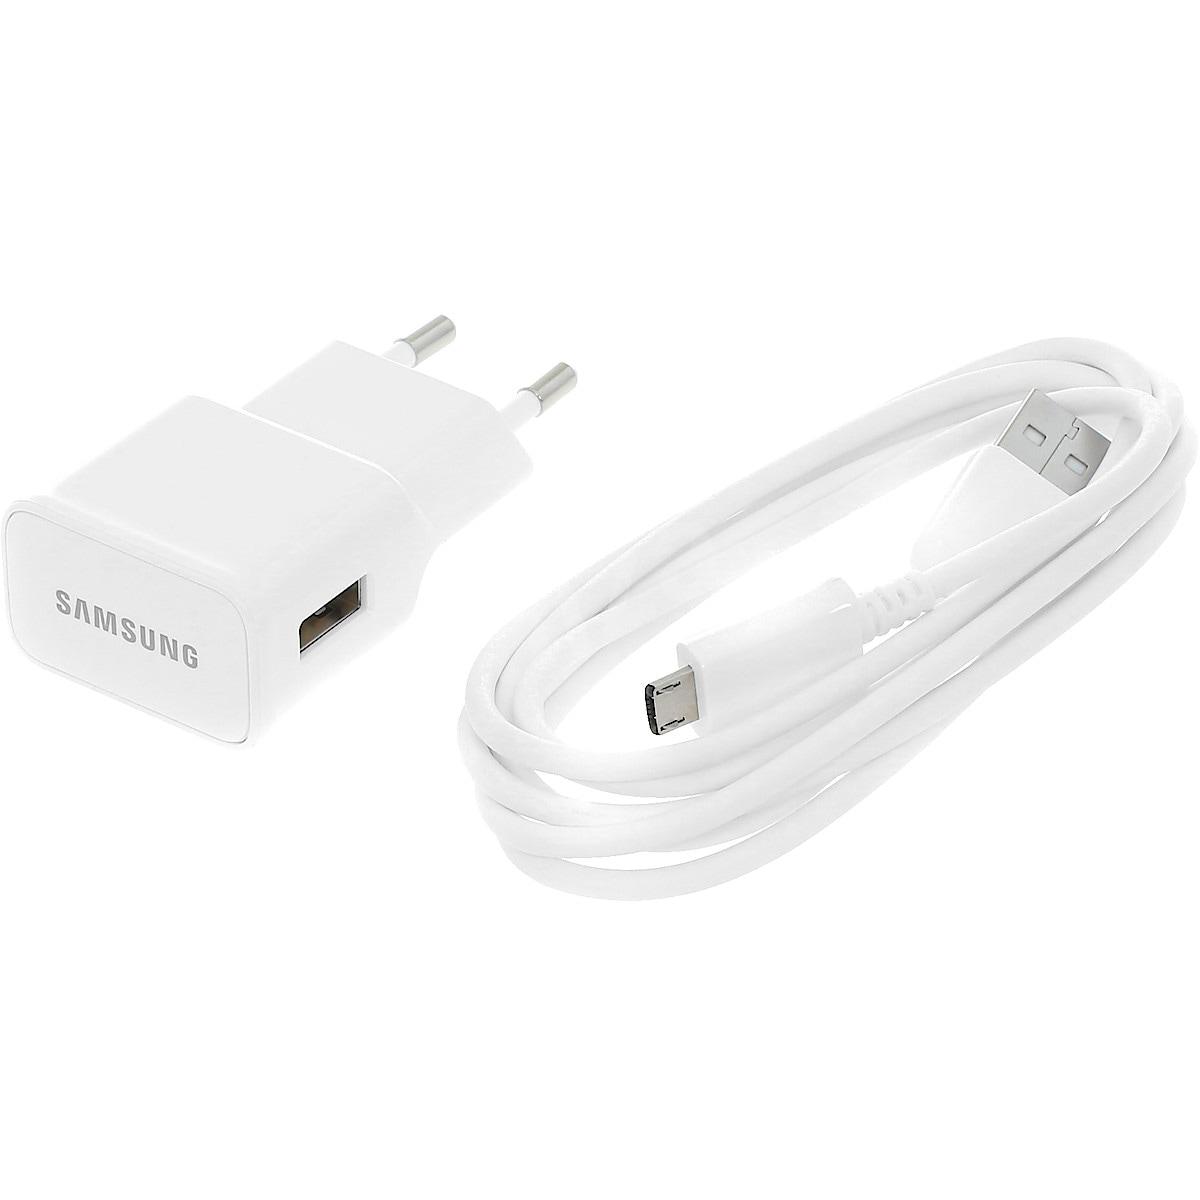 Samsung Galaxy tab 2 USB lader | FINN.no